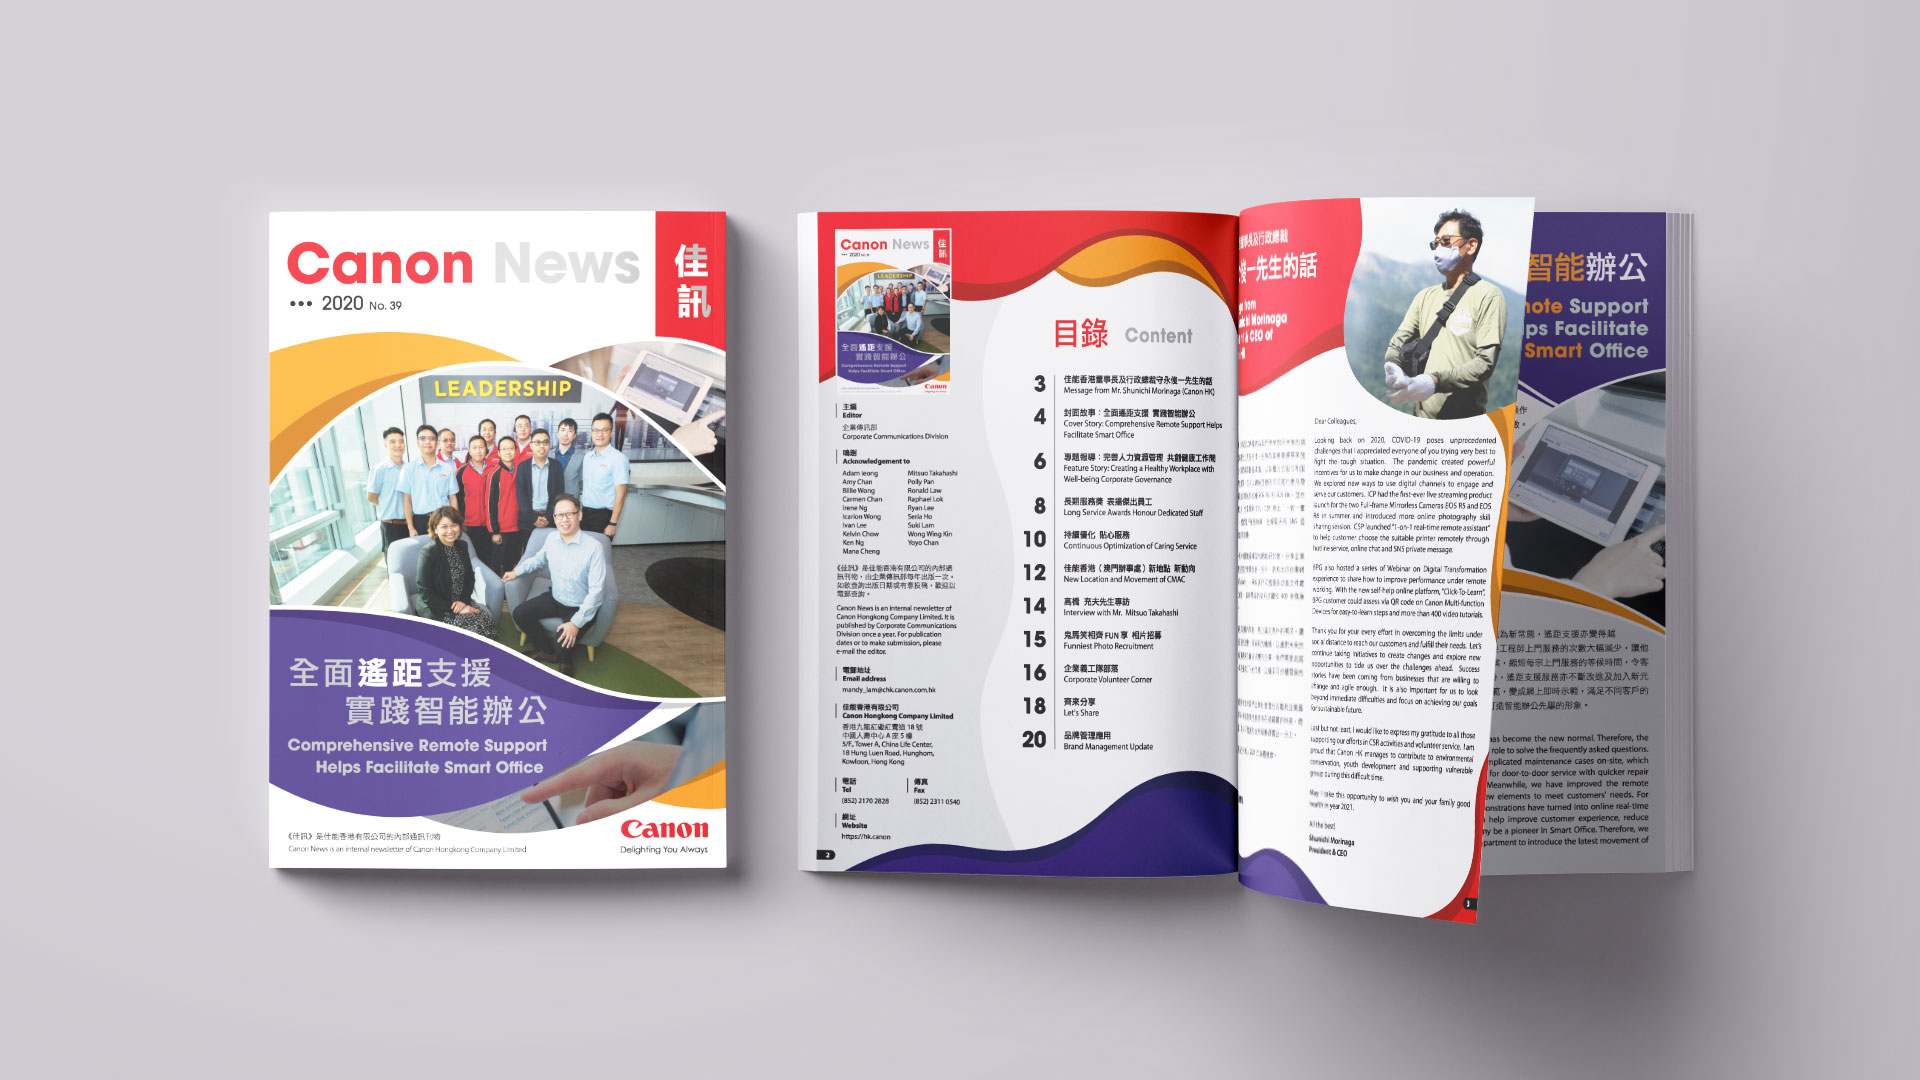 Canon News 2020